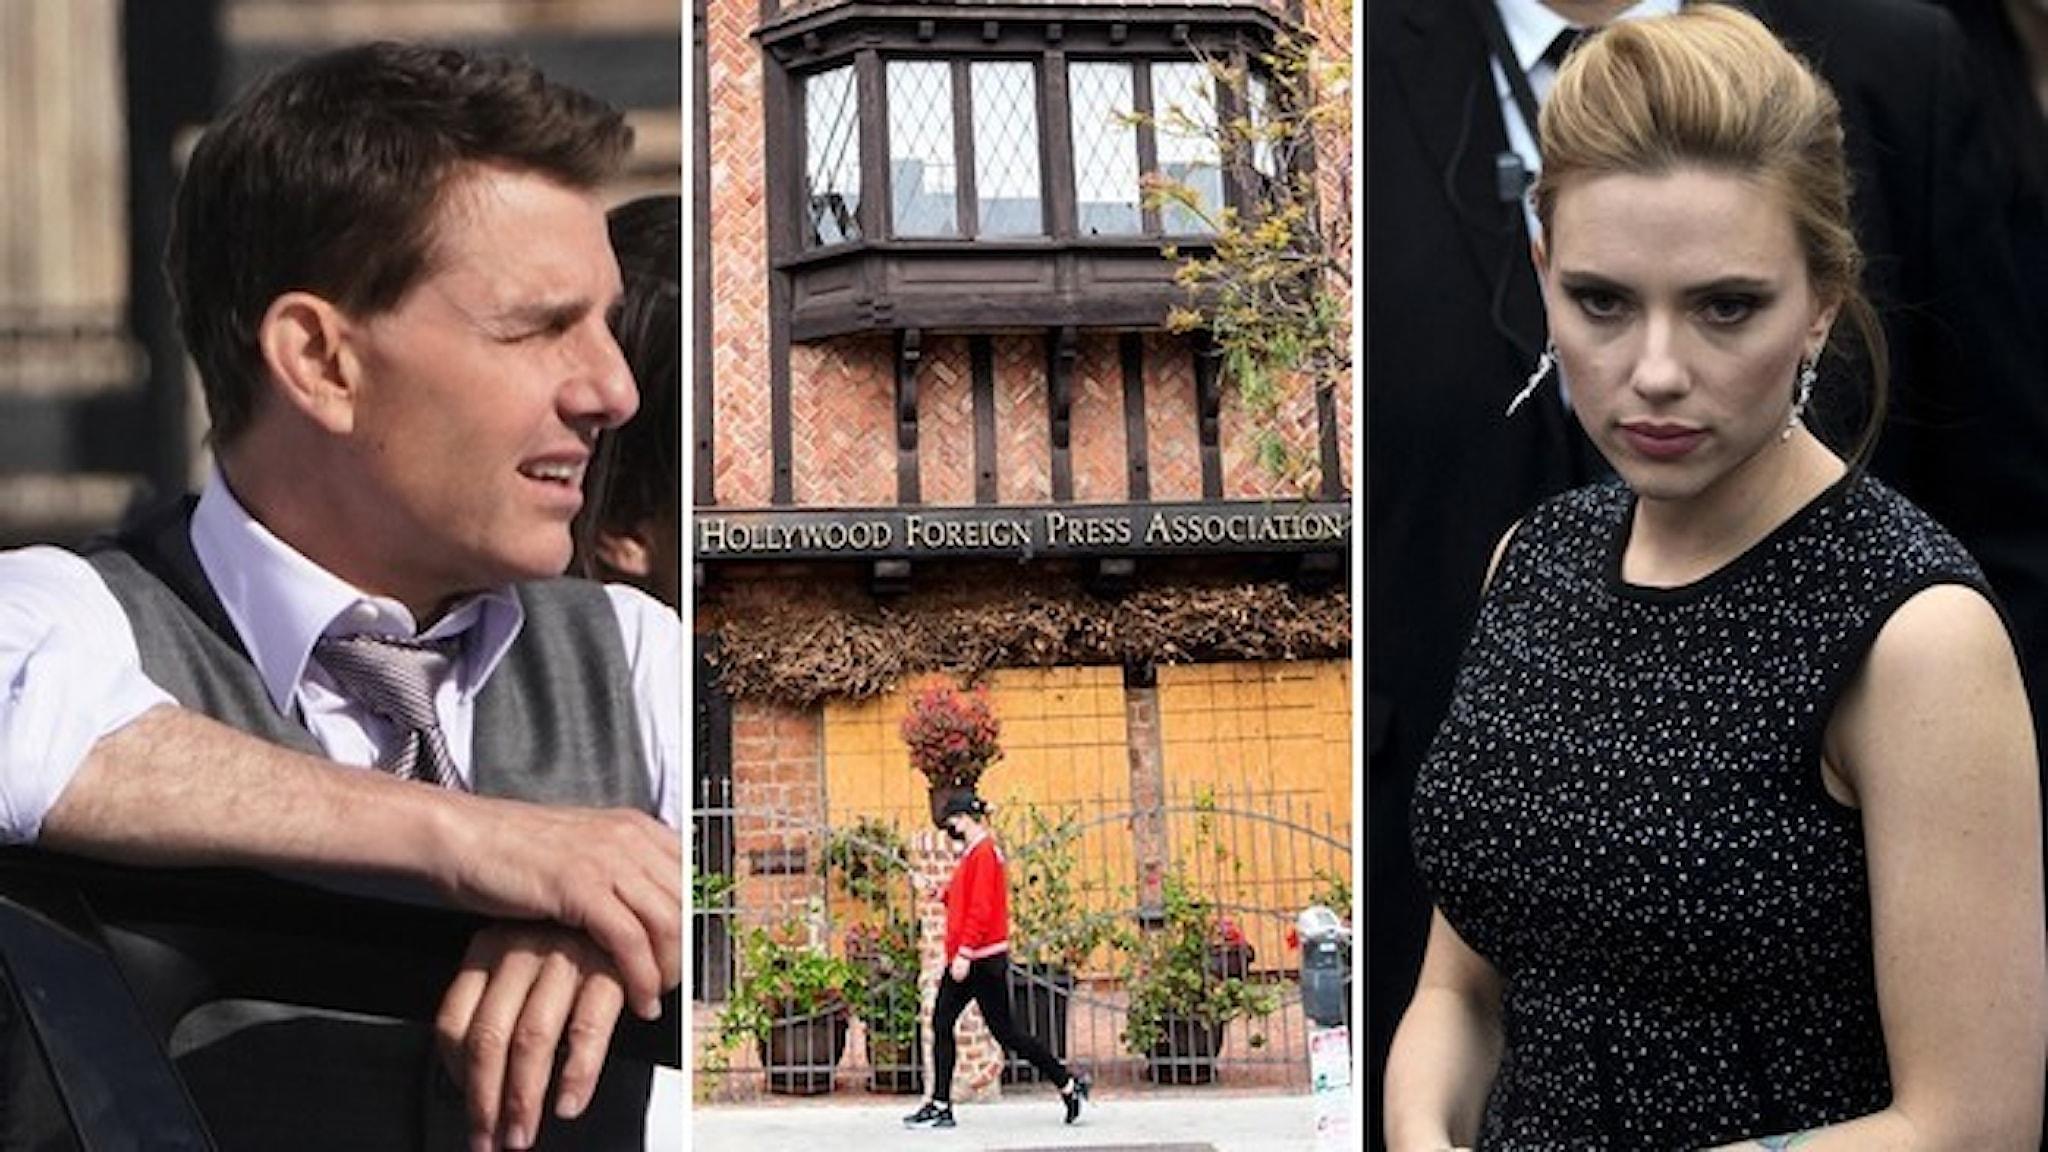 Porträtt av Tom Cruise och Scarlett Johansson samt fasade till organisationen Hollywood foreign press association.